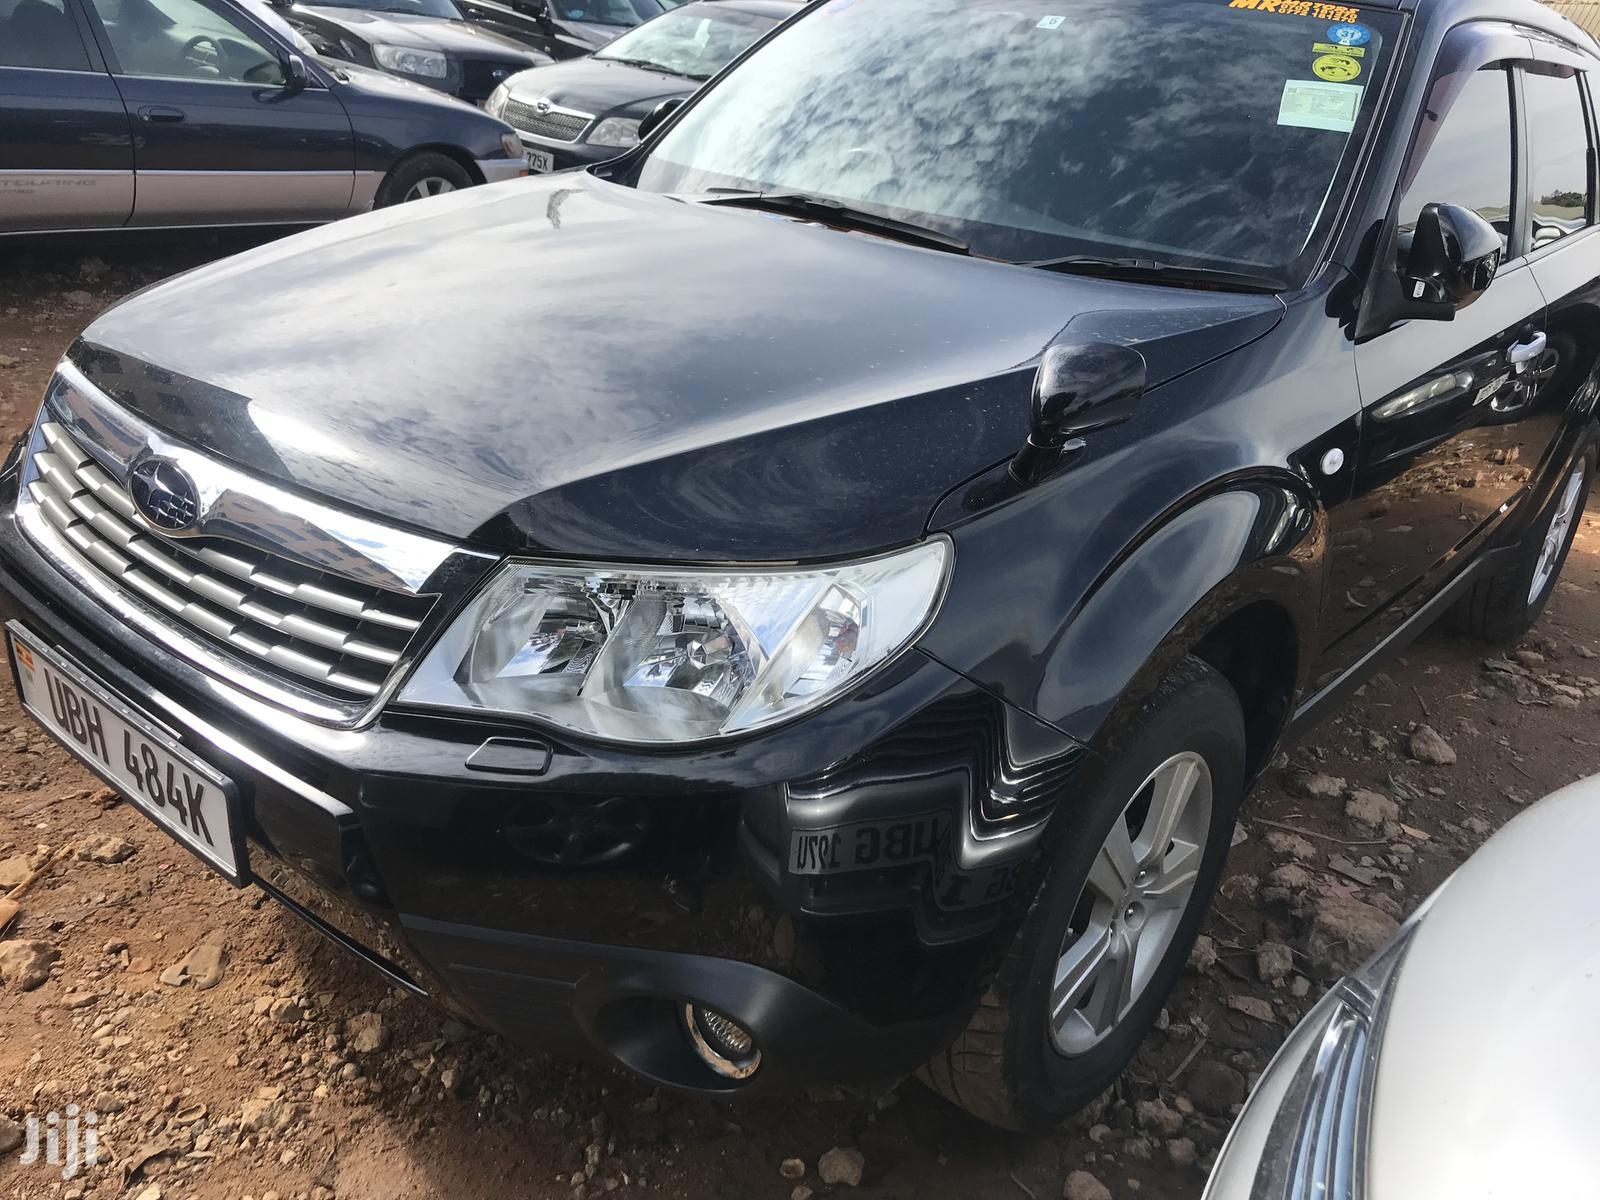 Archive: New Subaru Forester 2008 Black